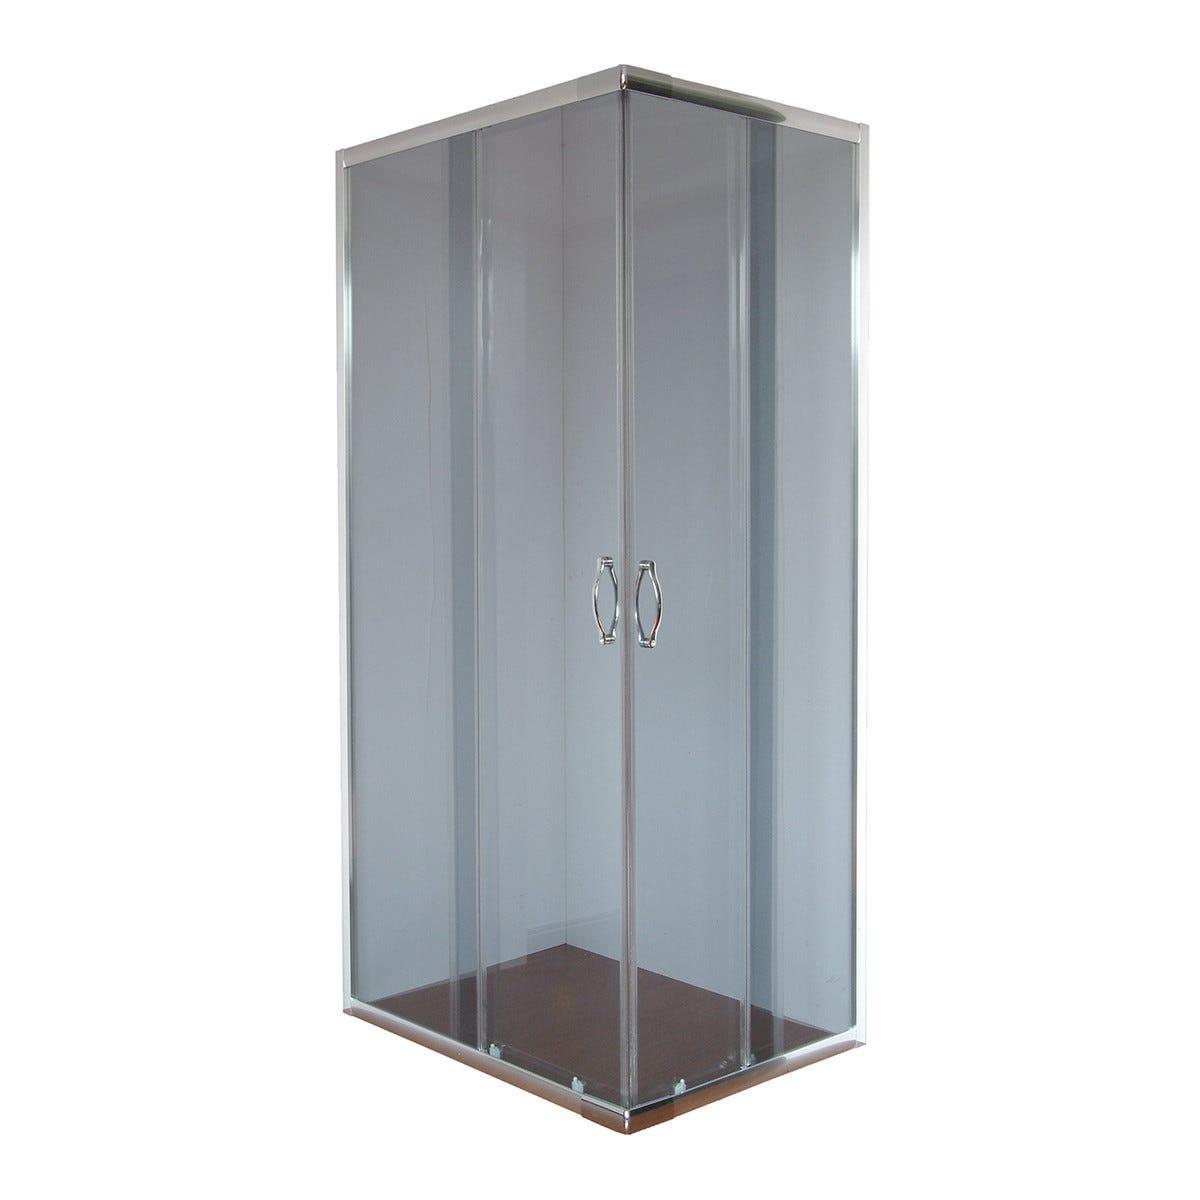 box doccia quattro rettangolare (70-80) x (90-100) h 190 cm vetro temperato fume' 4 mm